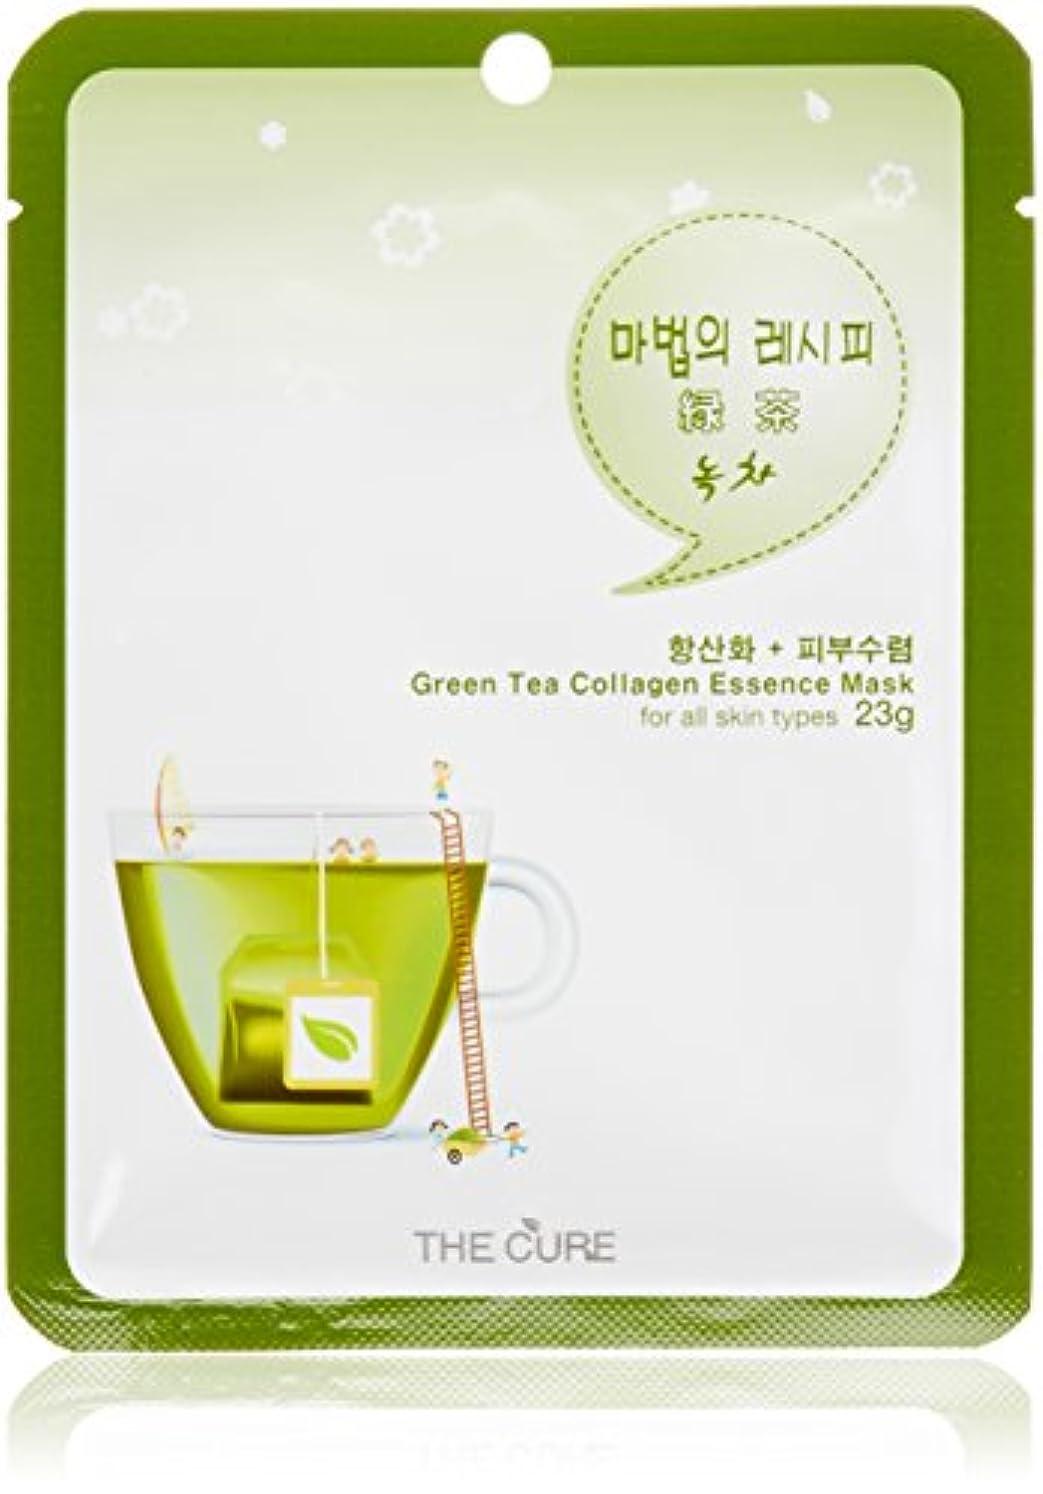 競争力のある薬亡命THE CURE緑茶 コラーゲンエッセンスマスク15枚セット